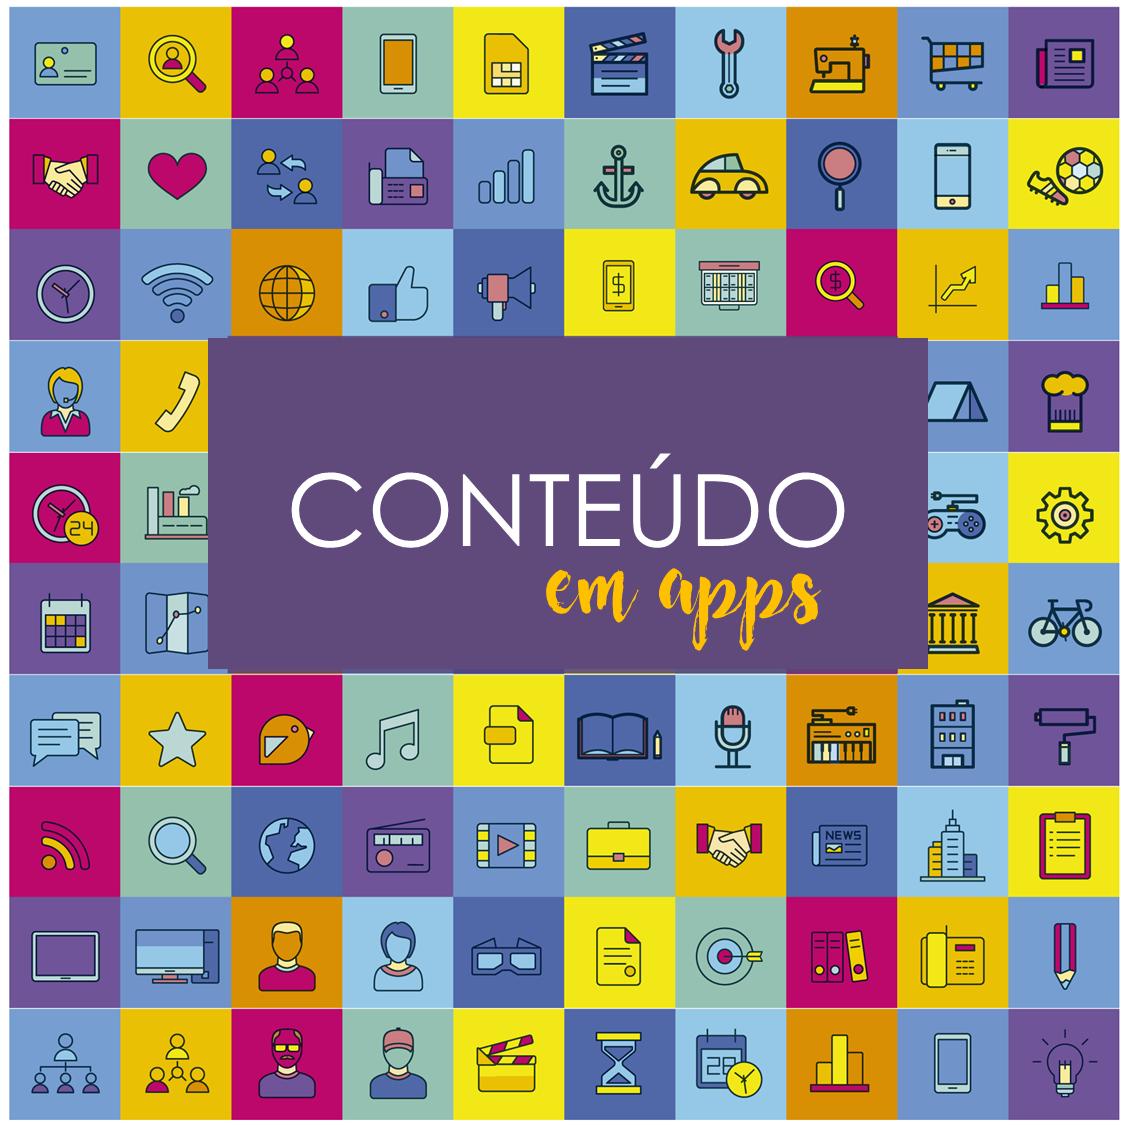 Saiba a importância do conteúdo nos apps